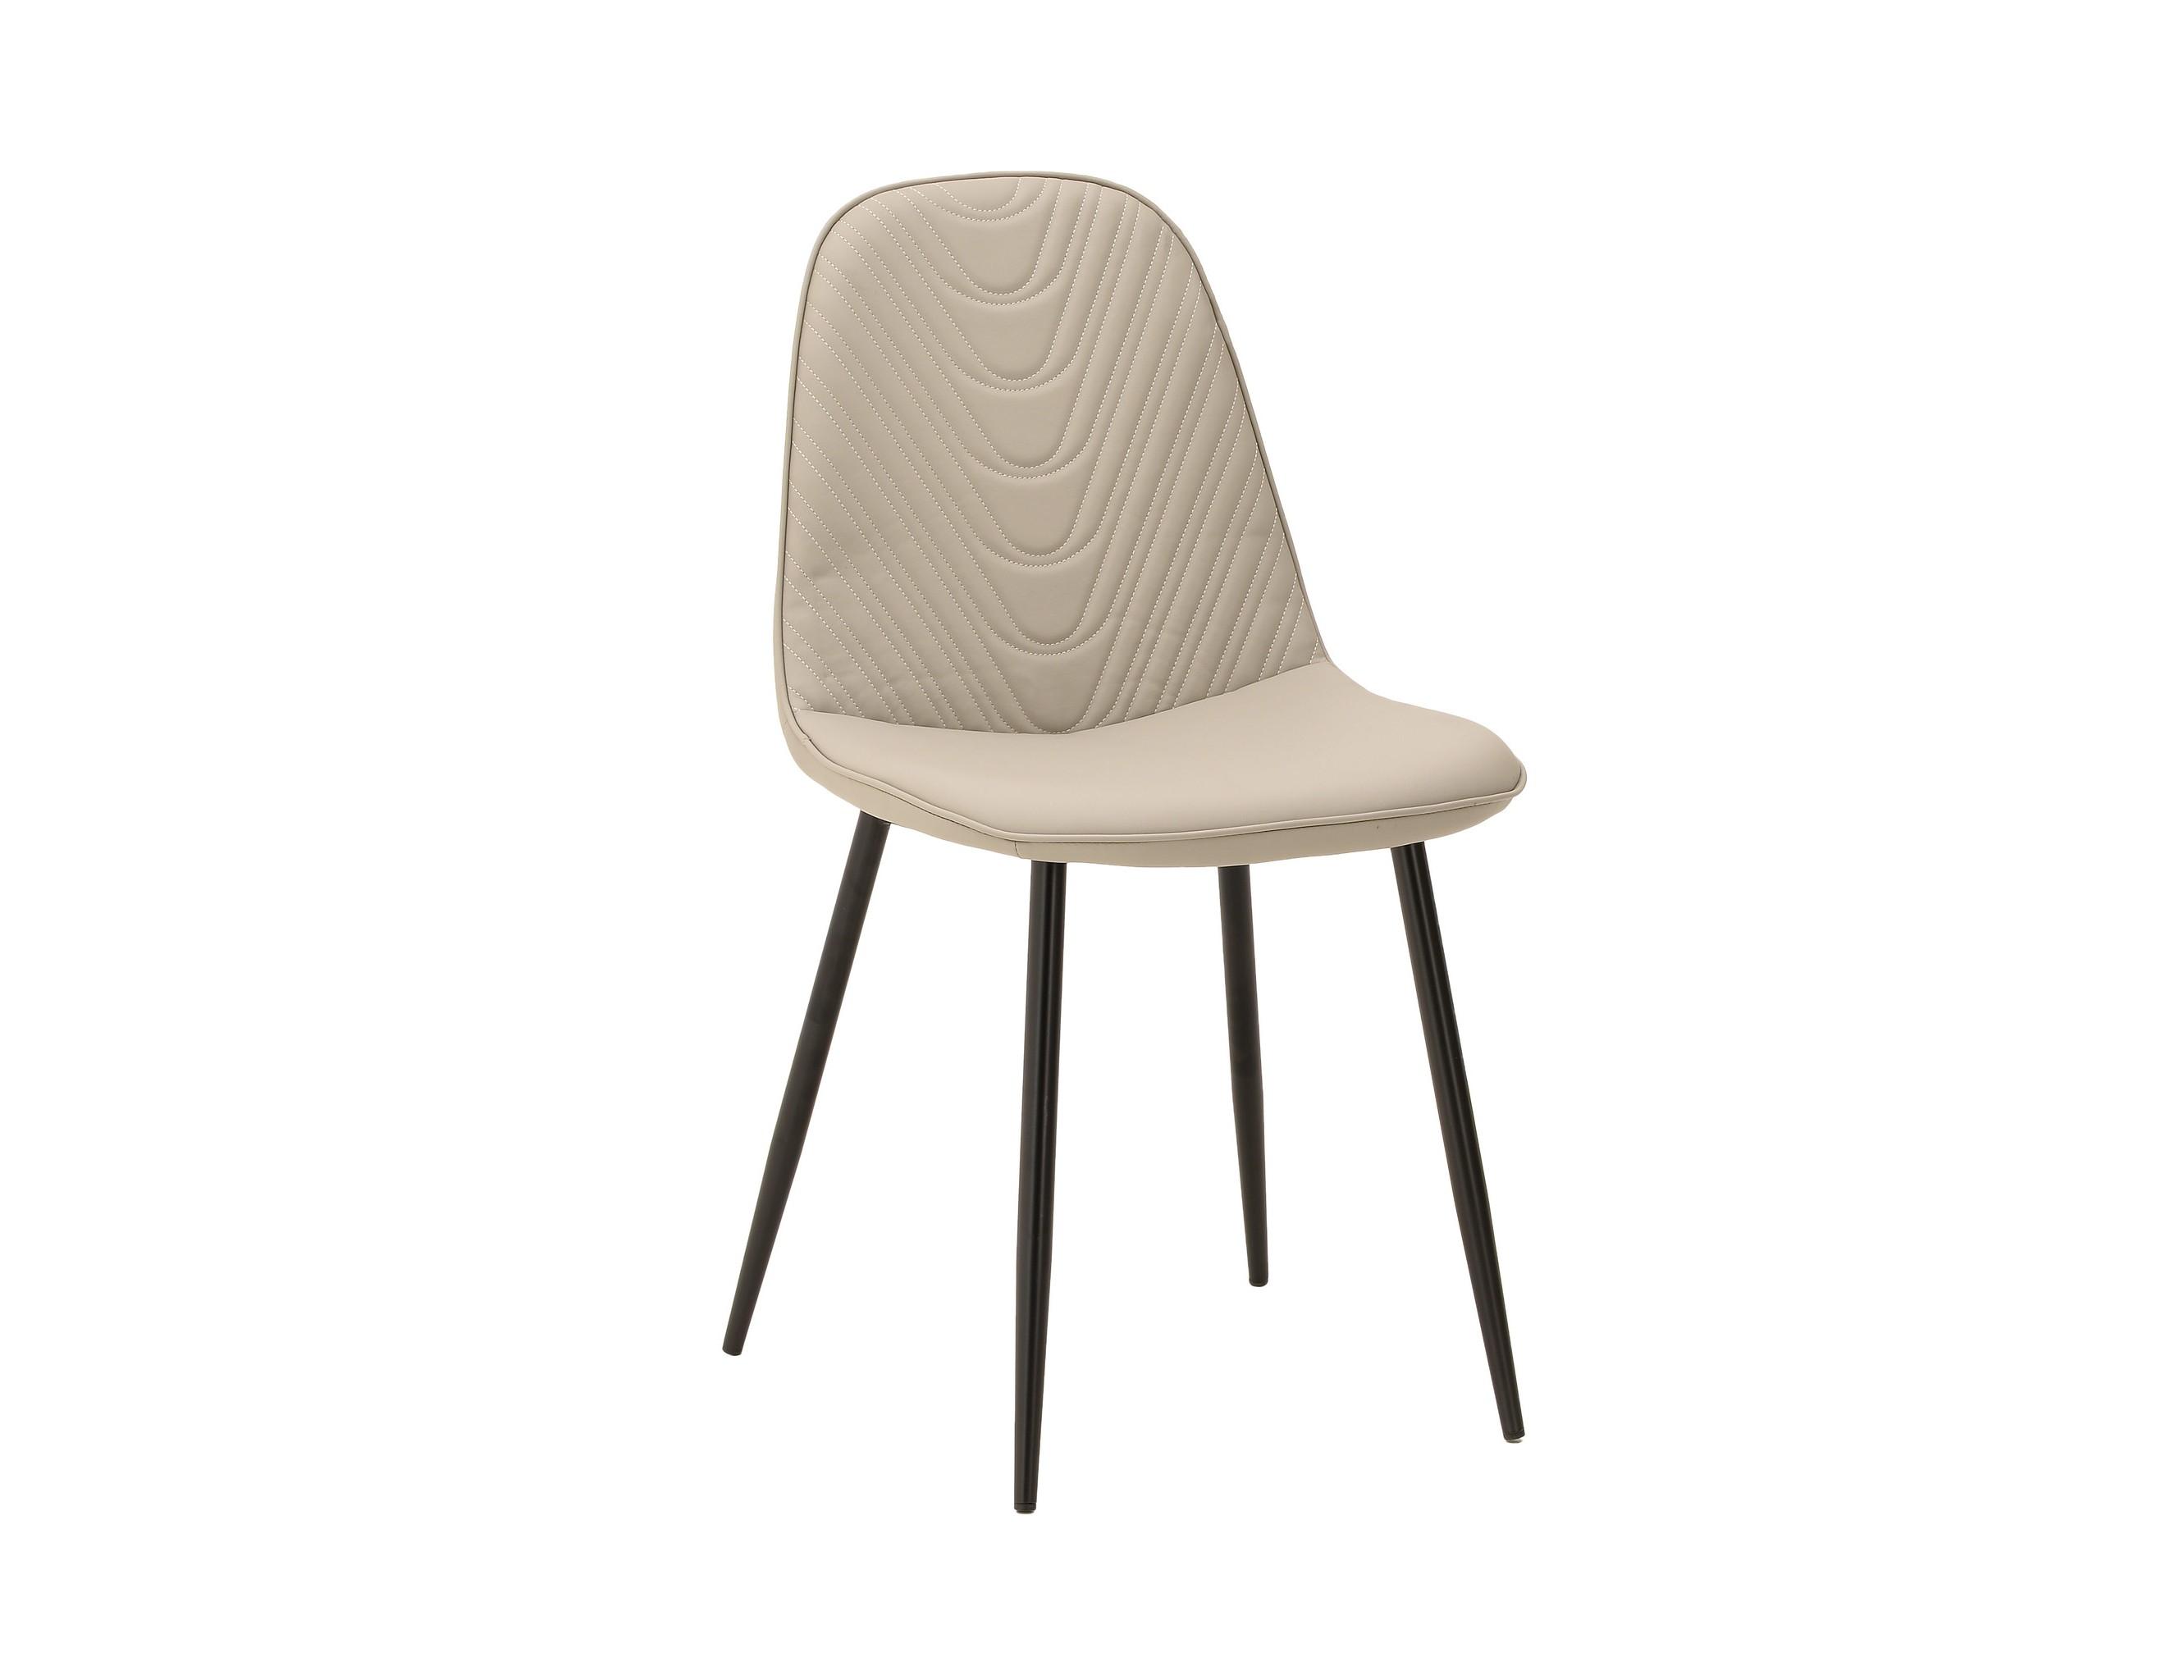 Стул AntrefortОбеденные стулья<br>Материал: металл. экокожа<br><br>Material: Экокожа<br>Ширина см: 45<br>Высота см: 86<br>Глубина см: 43